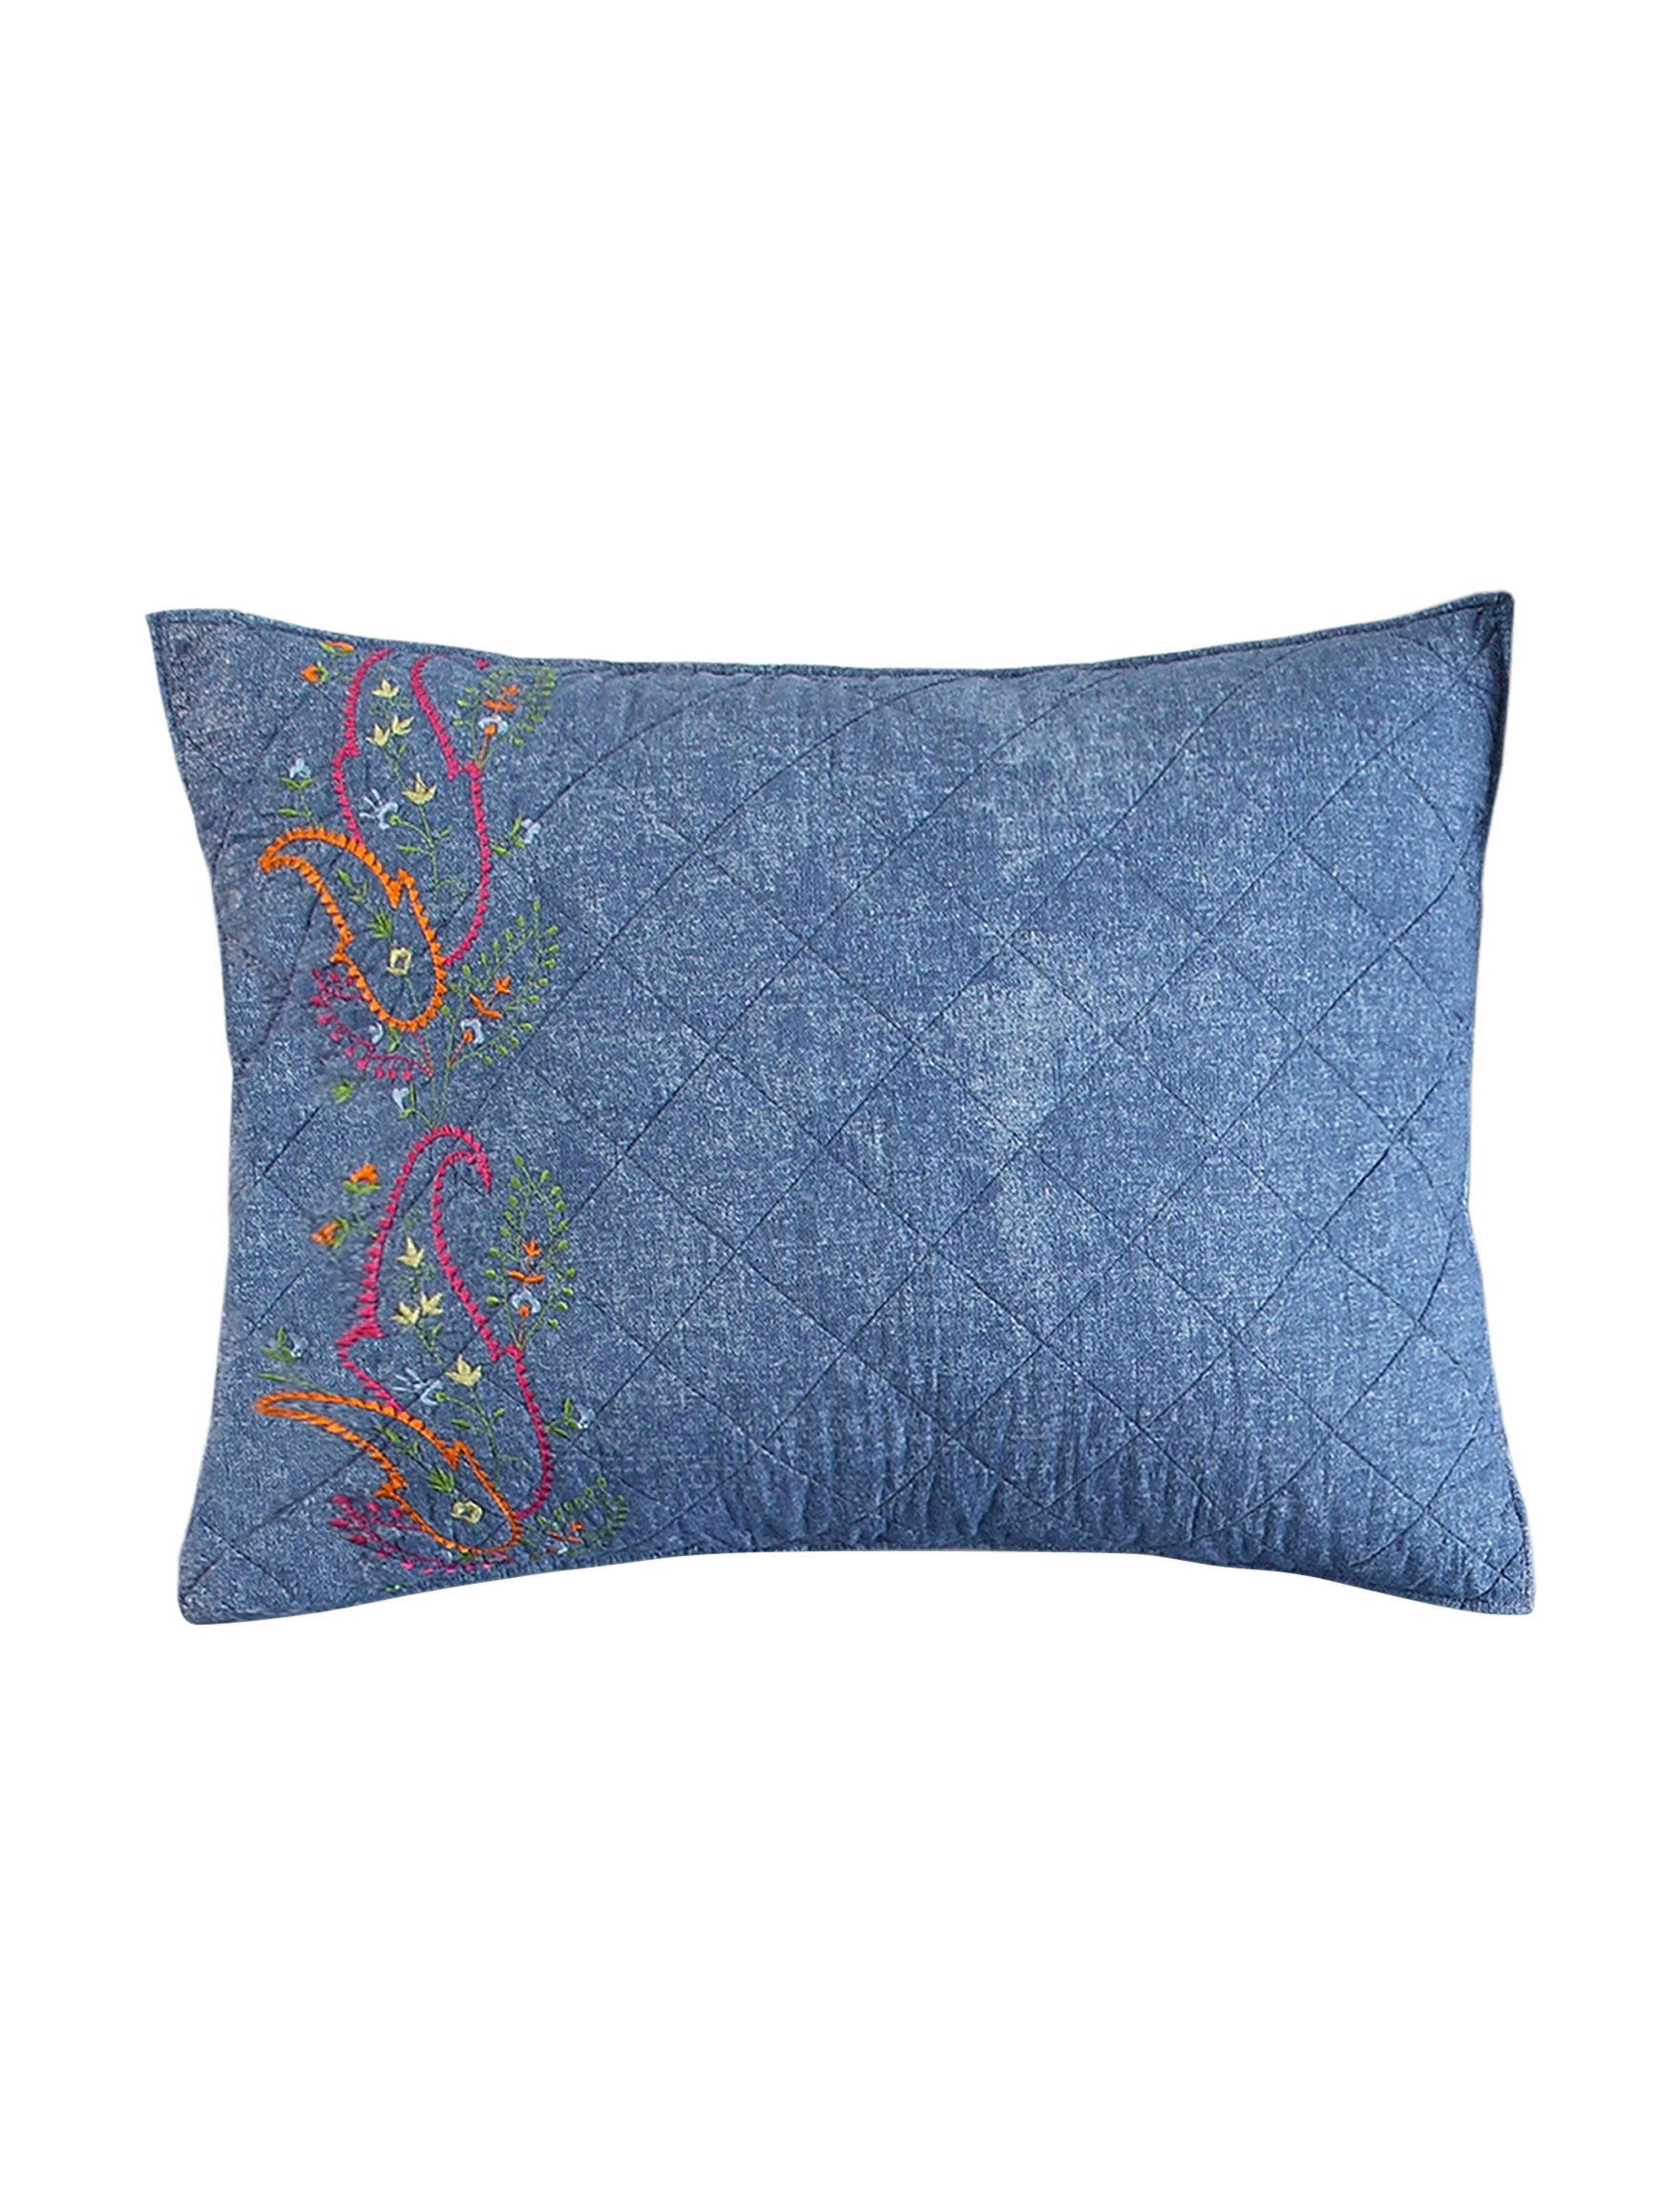 1977 Dry Goods Multi Pillow Shams